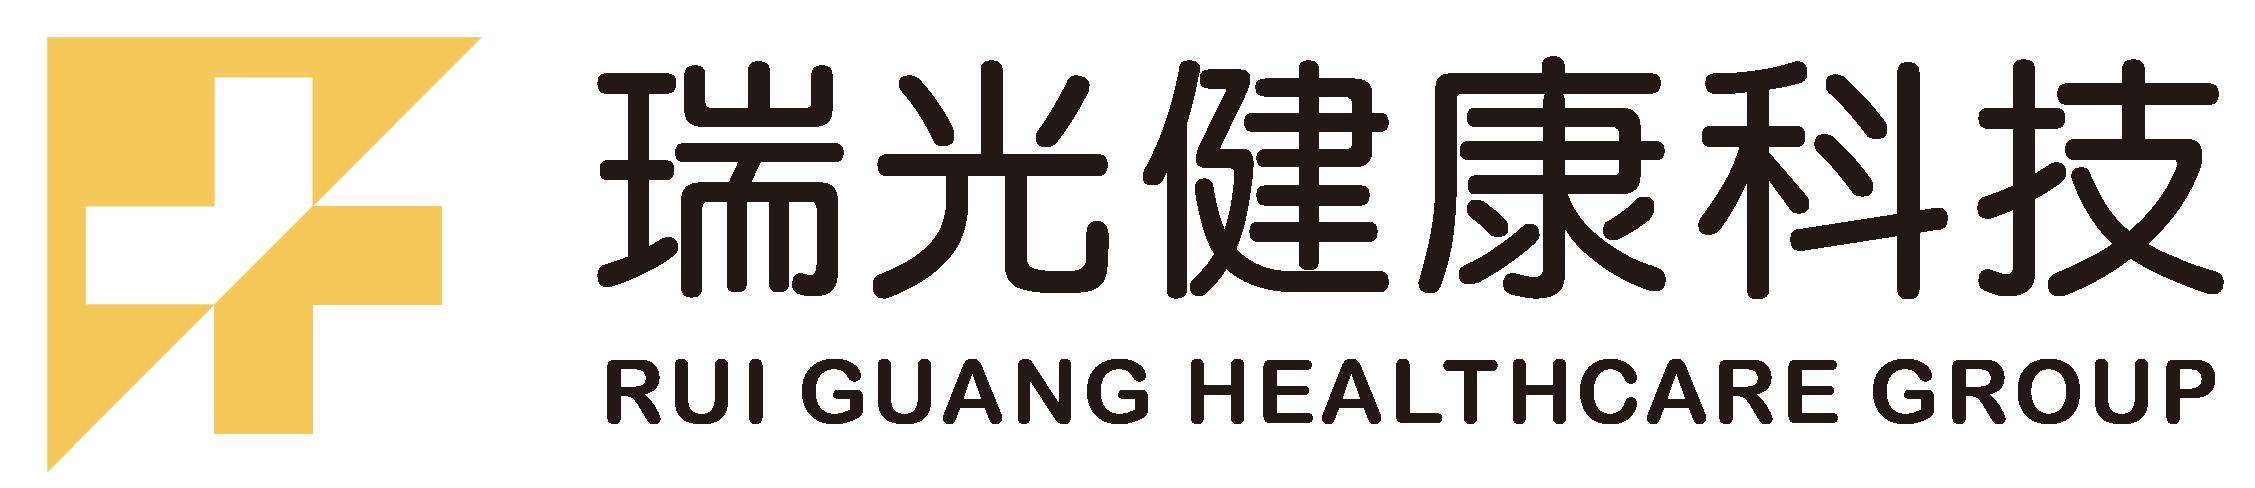 瑞光健康科技